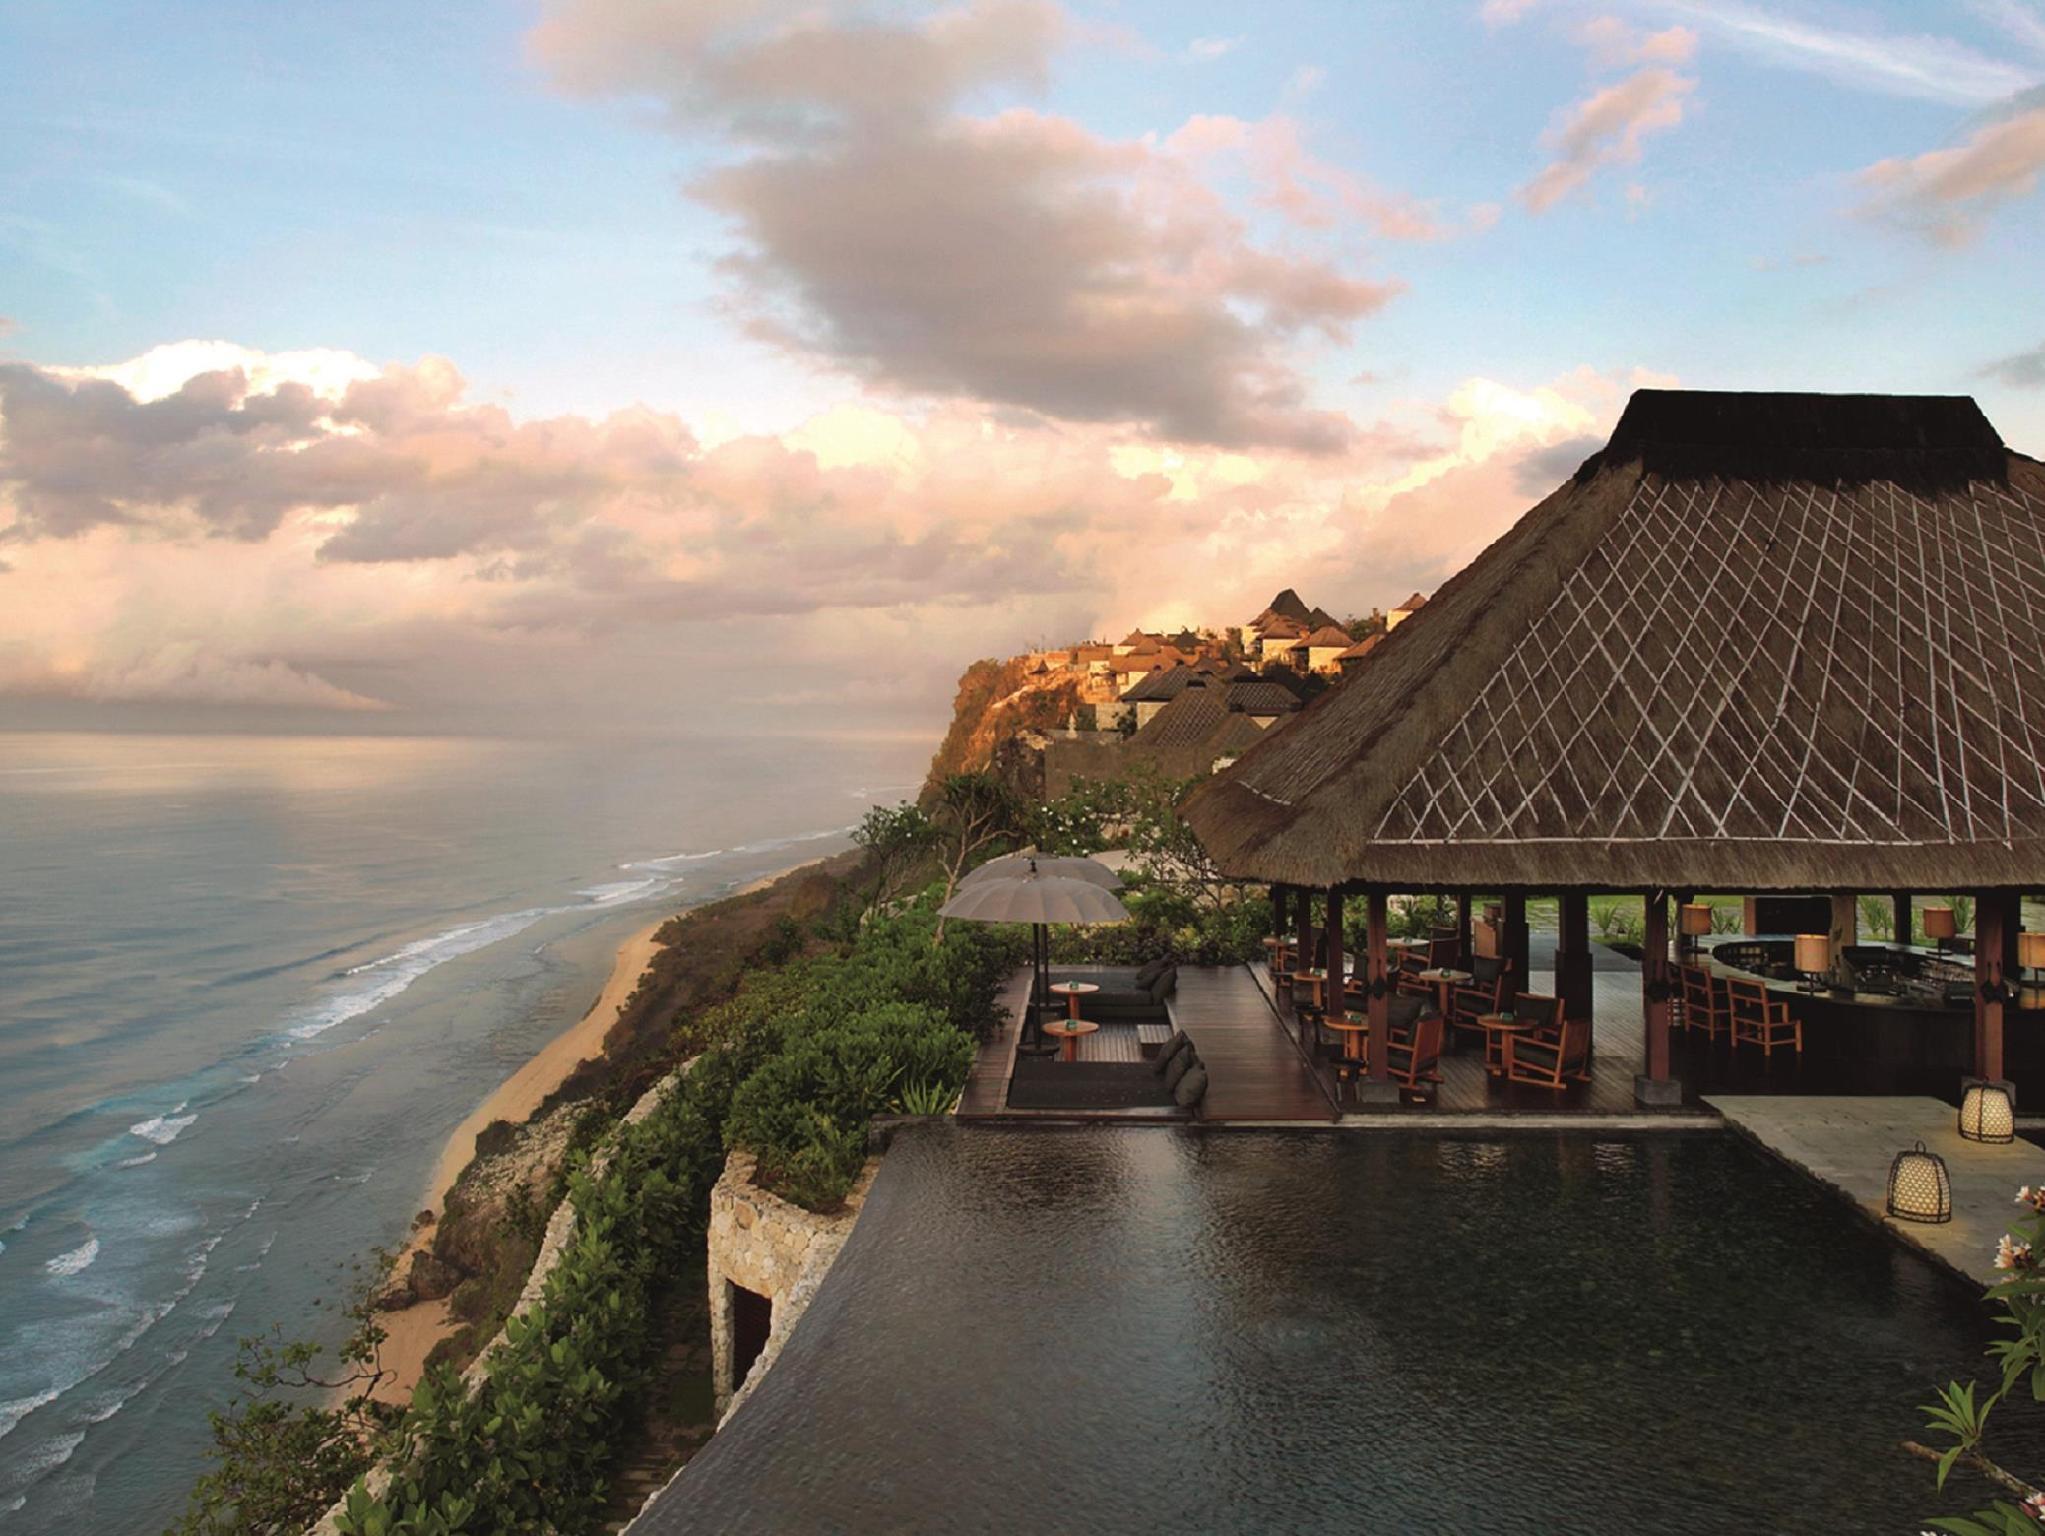 http://pix6.agoda.net/hotelImages/771/77182/77182_16030210140040379207.jpg